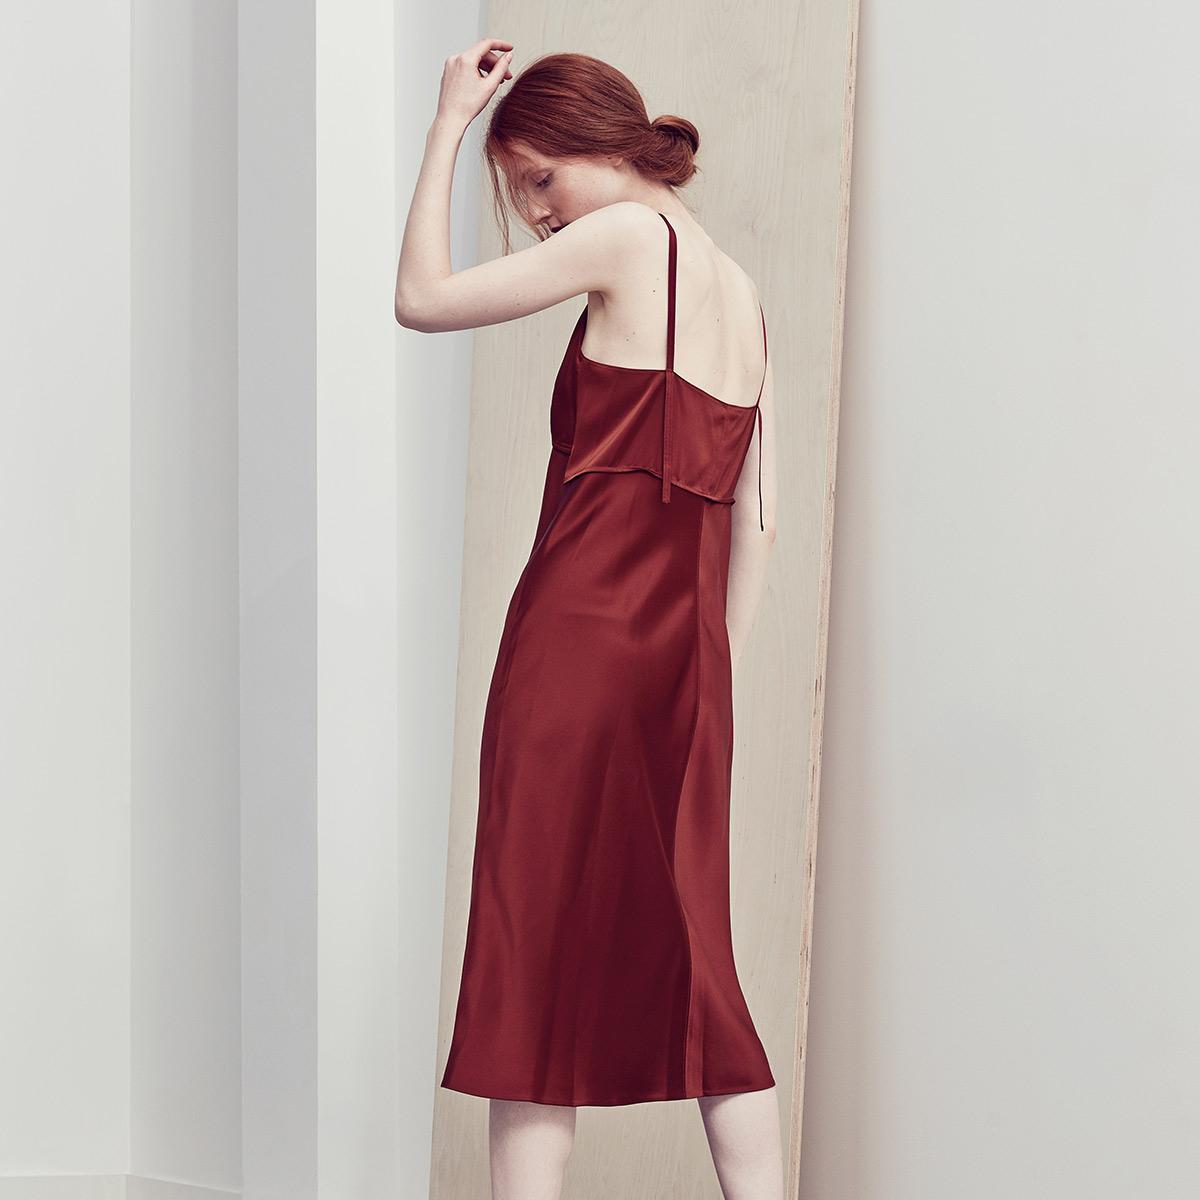 Women's Red Helmut Lang Dress